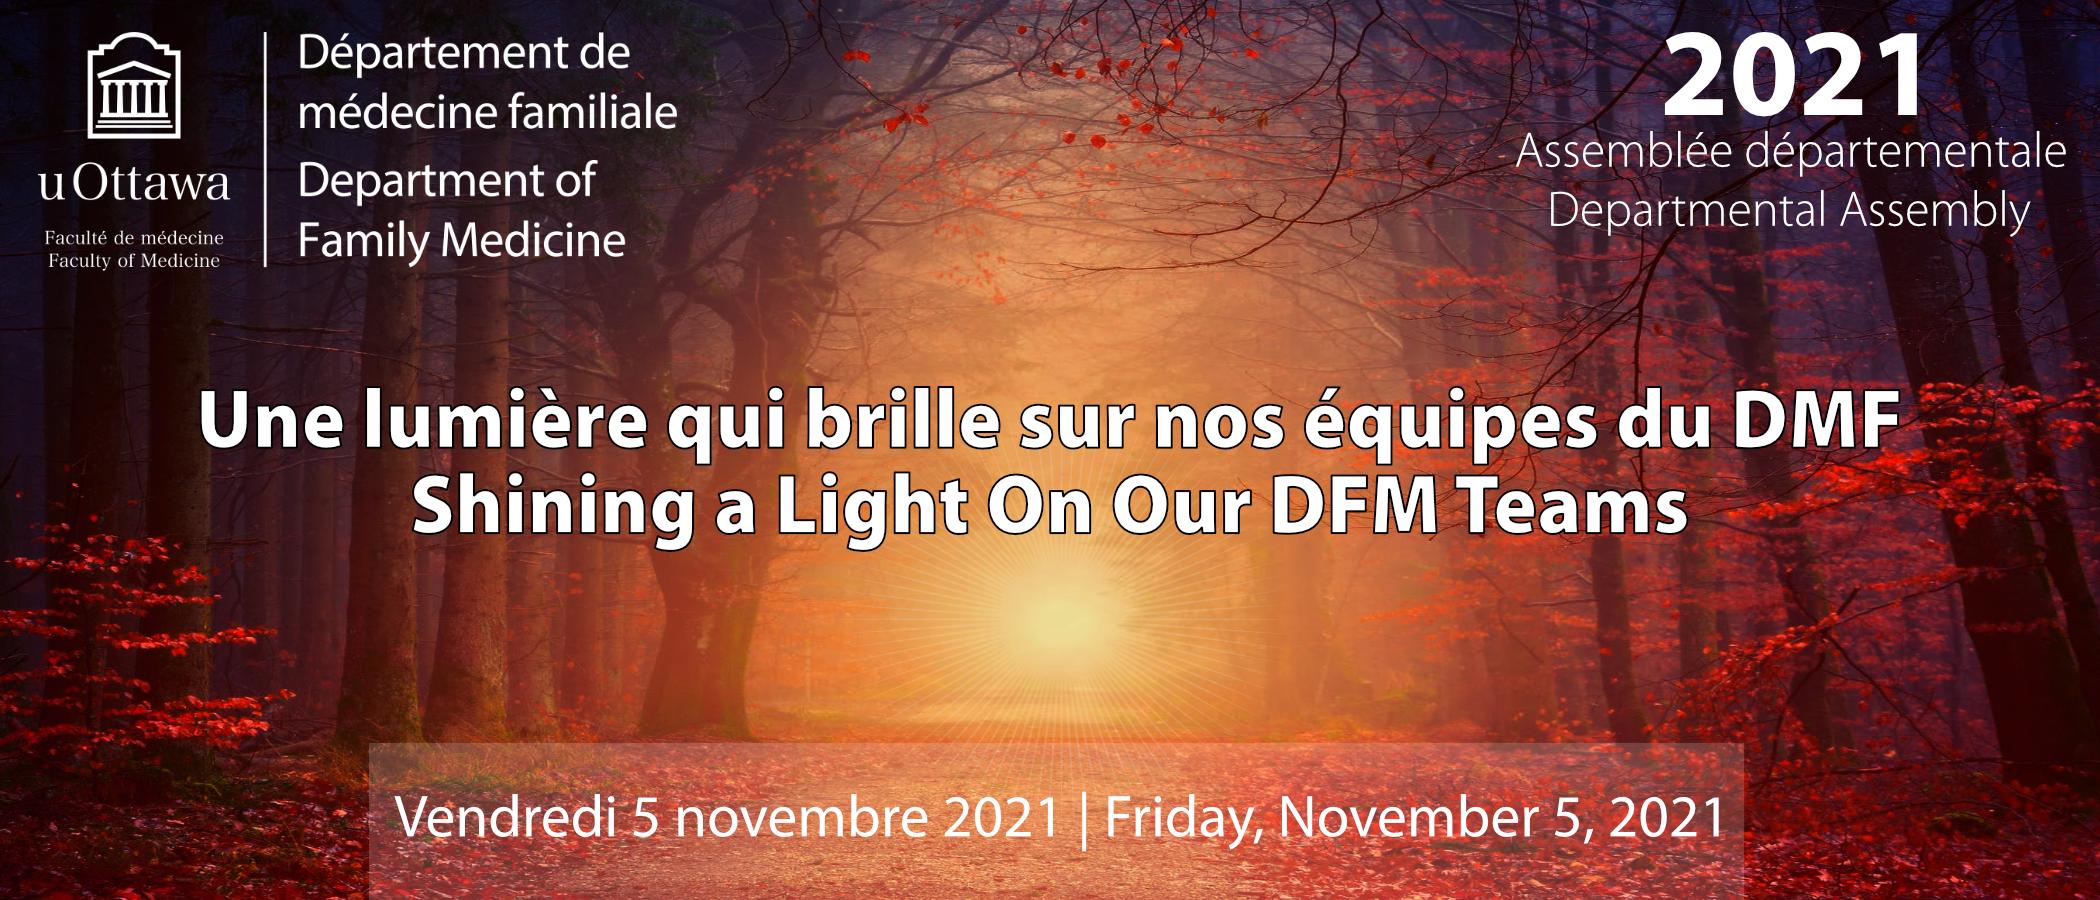 Une lumière que brille sur nos équipes du DMF